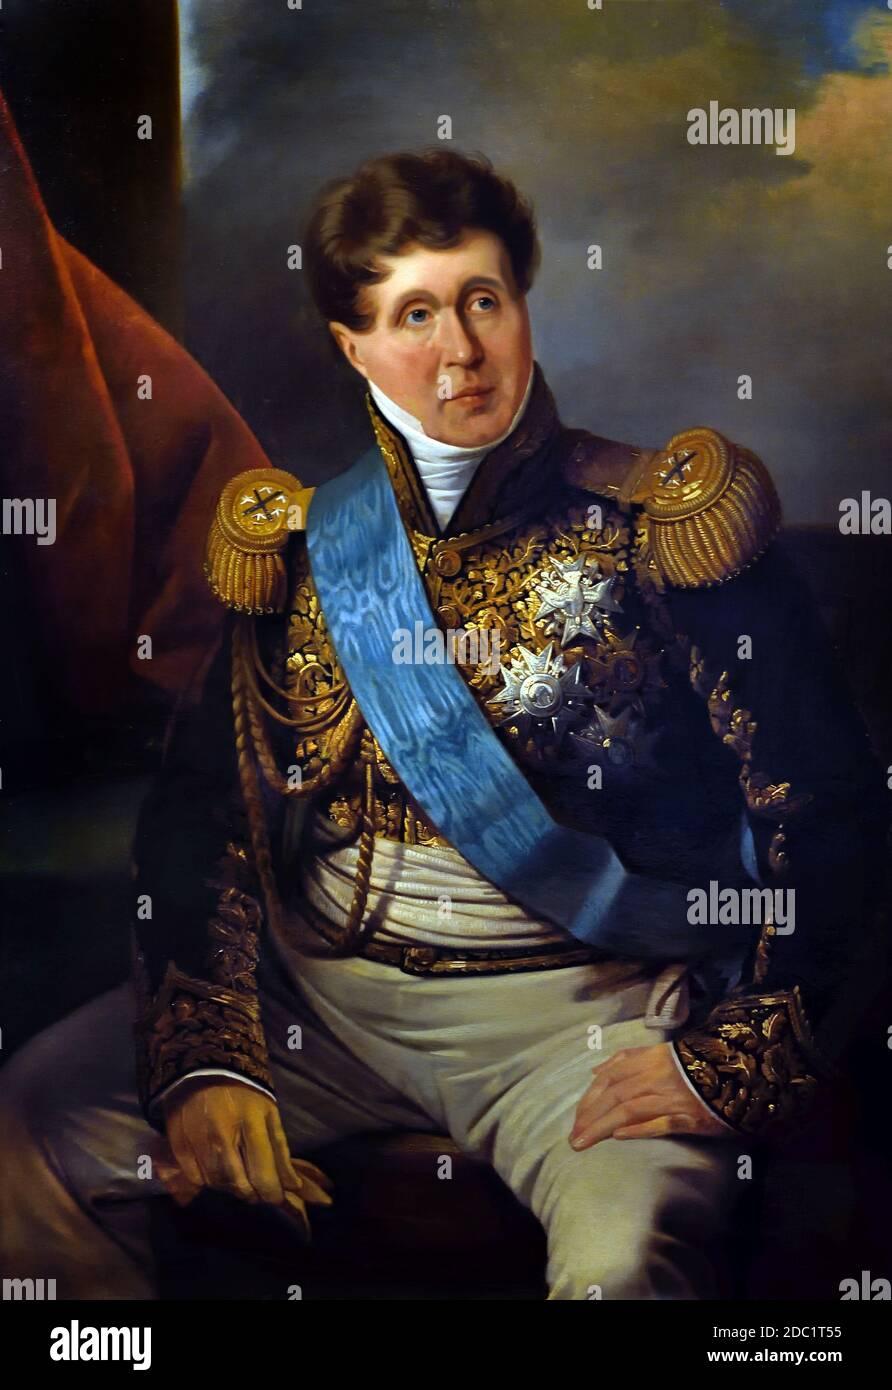 Mariscal Victor (1764-1841) Duke Belluno, Francia, francés. ( ejército del emperador Napoleón Bonaparte ) Foto de stock